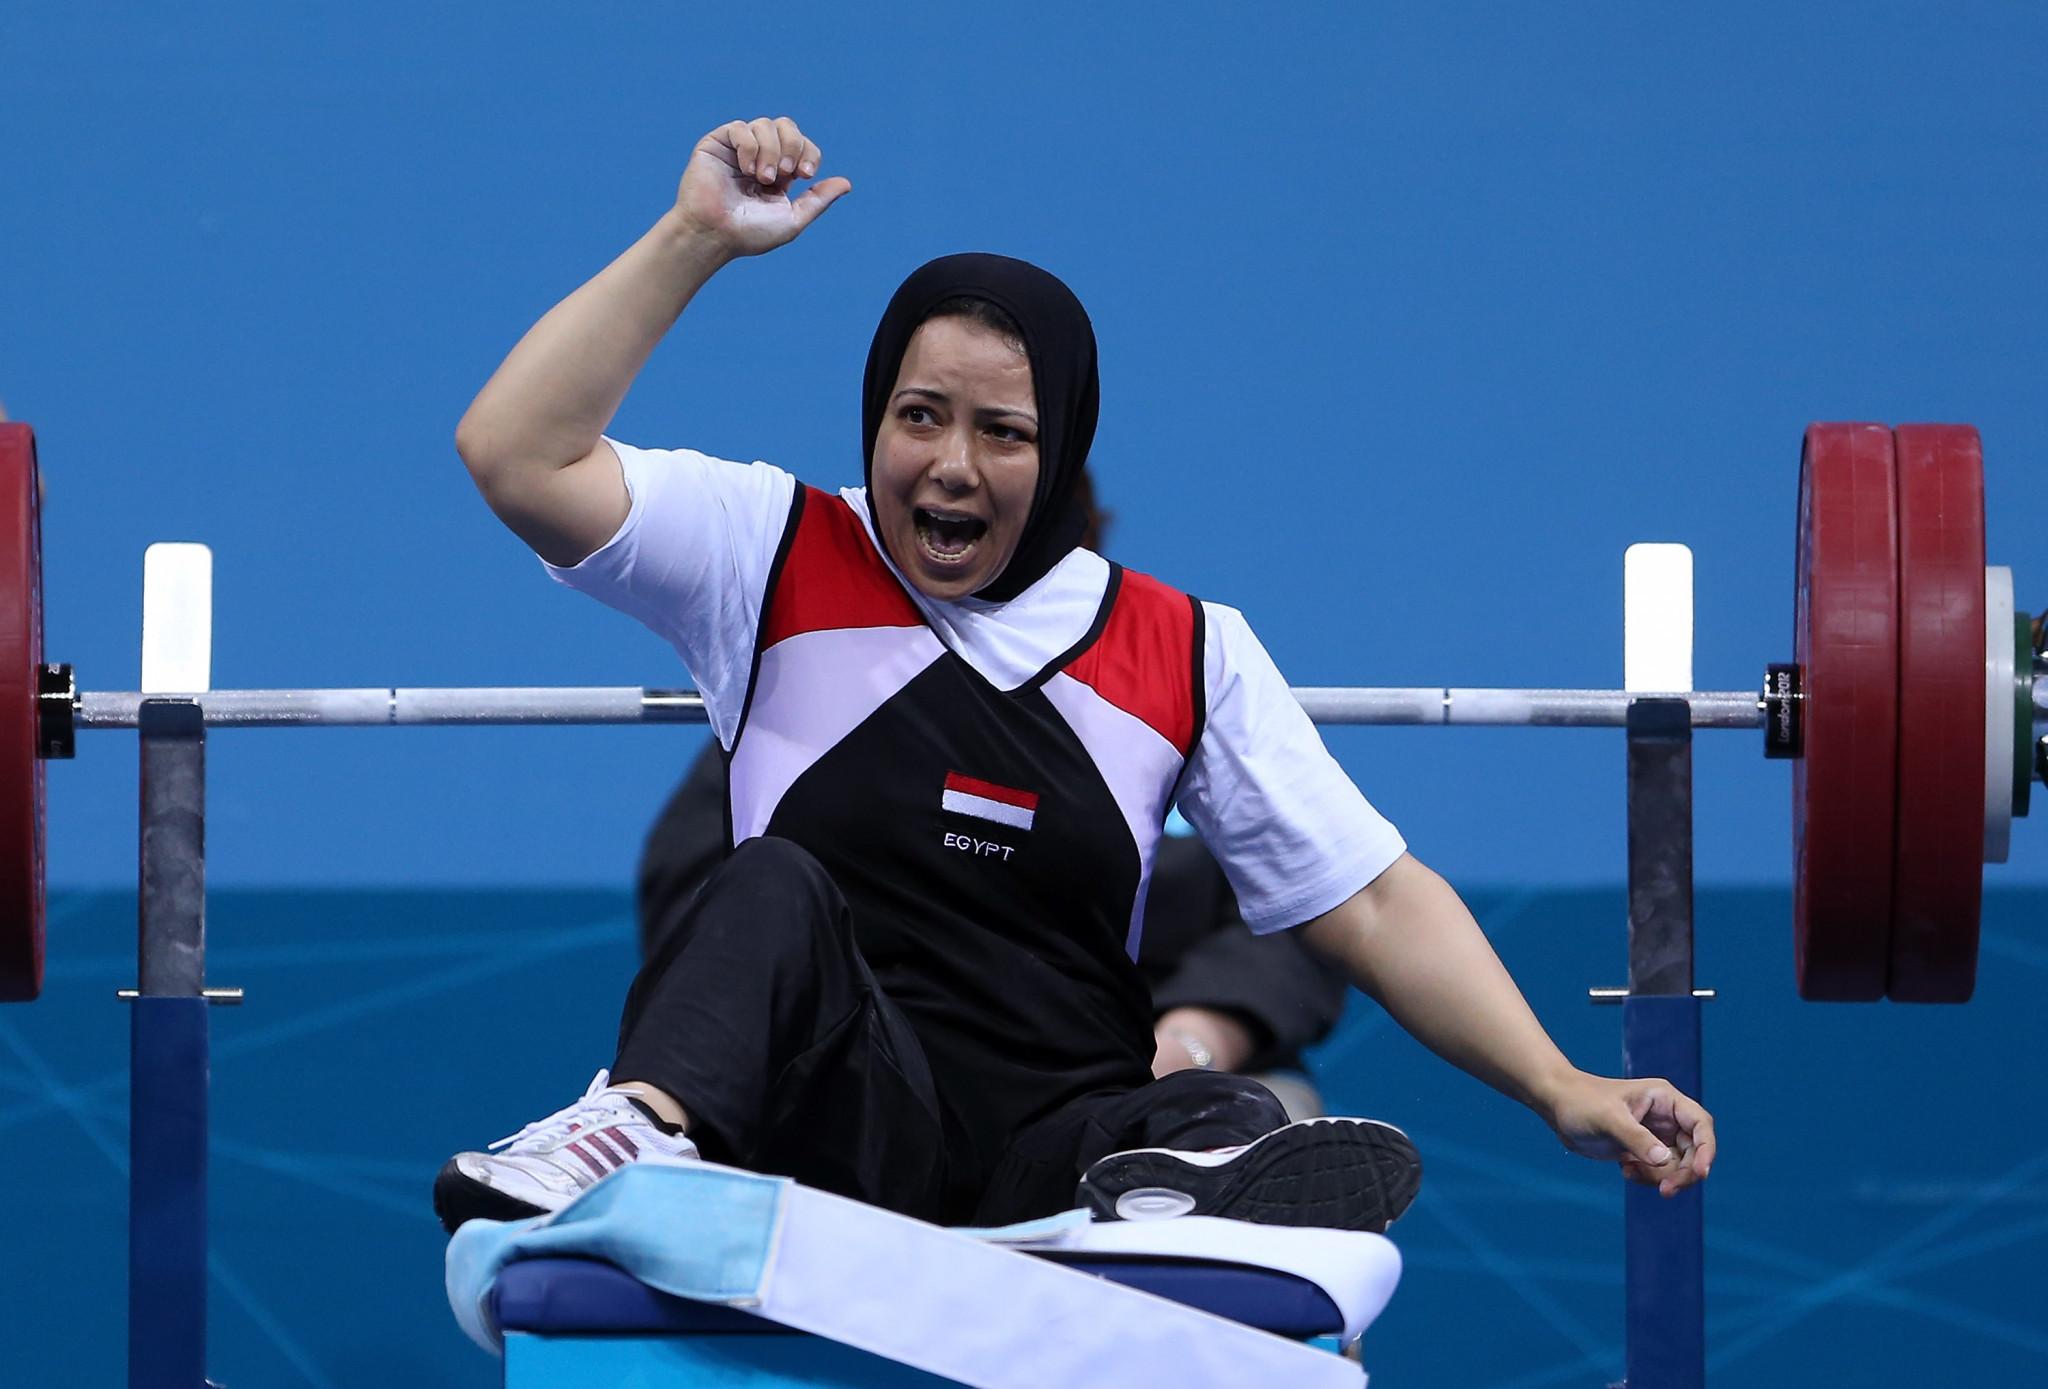 Omar seeks record sixth powerlifting medal at Tokyo 2020 Paralympics